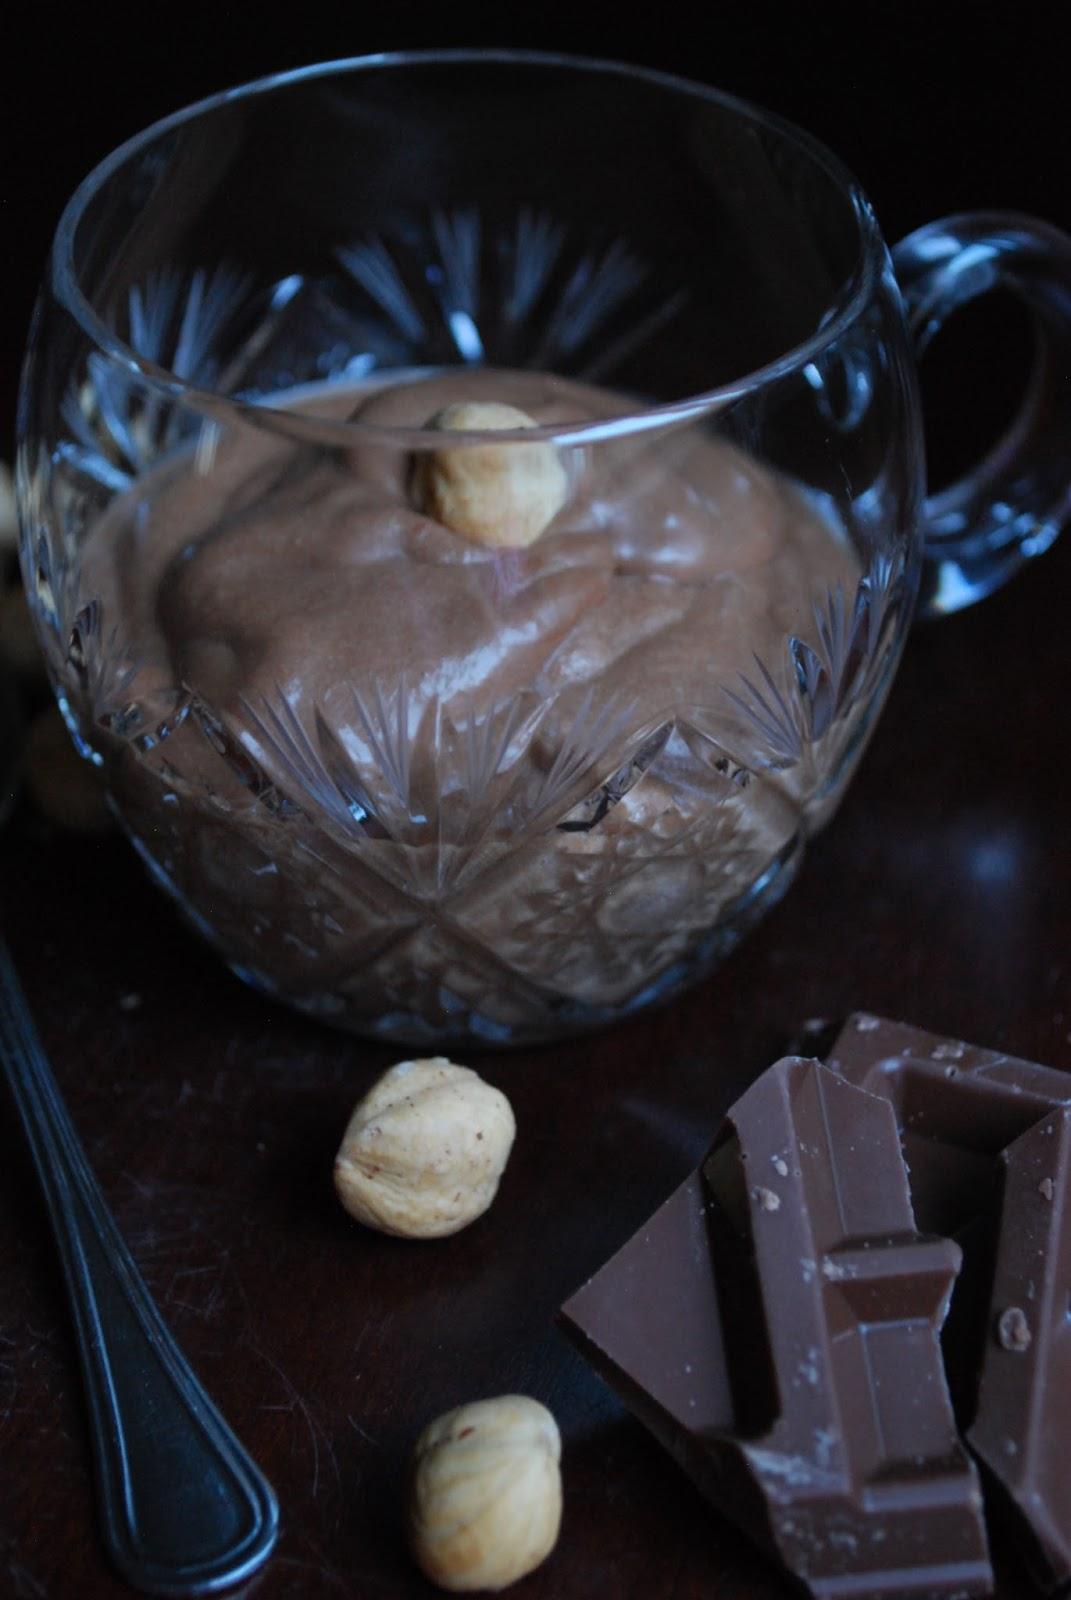 mousse al cioccolato di lorraine pascale